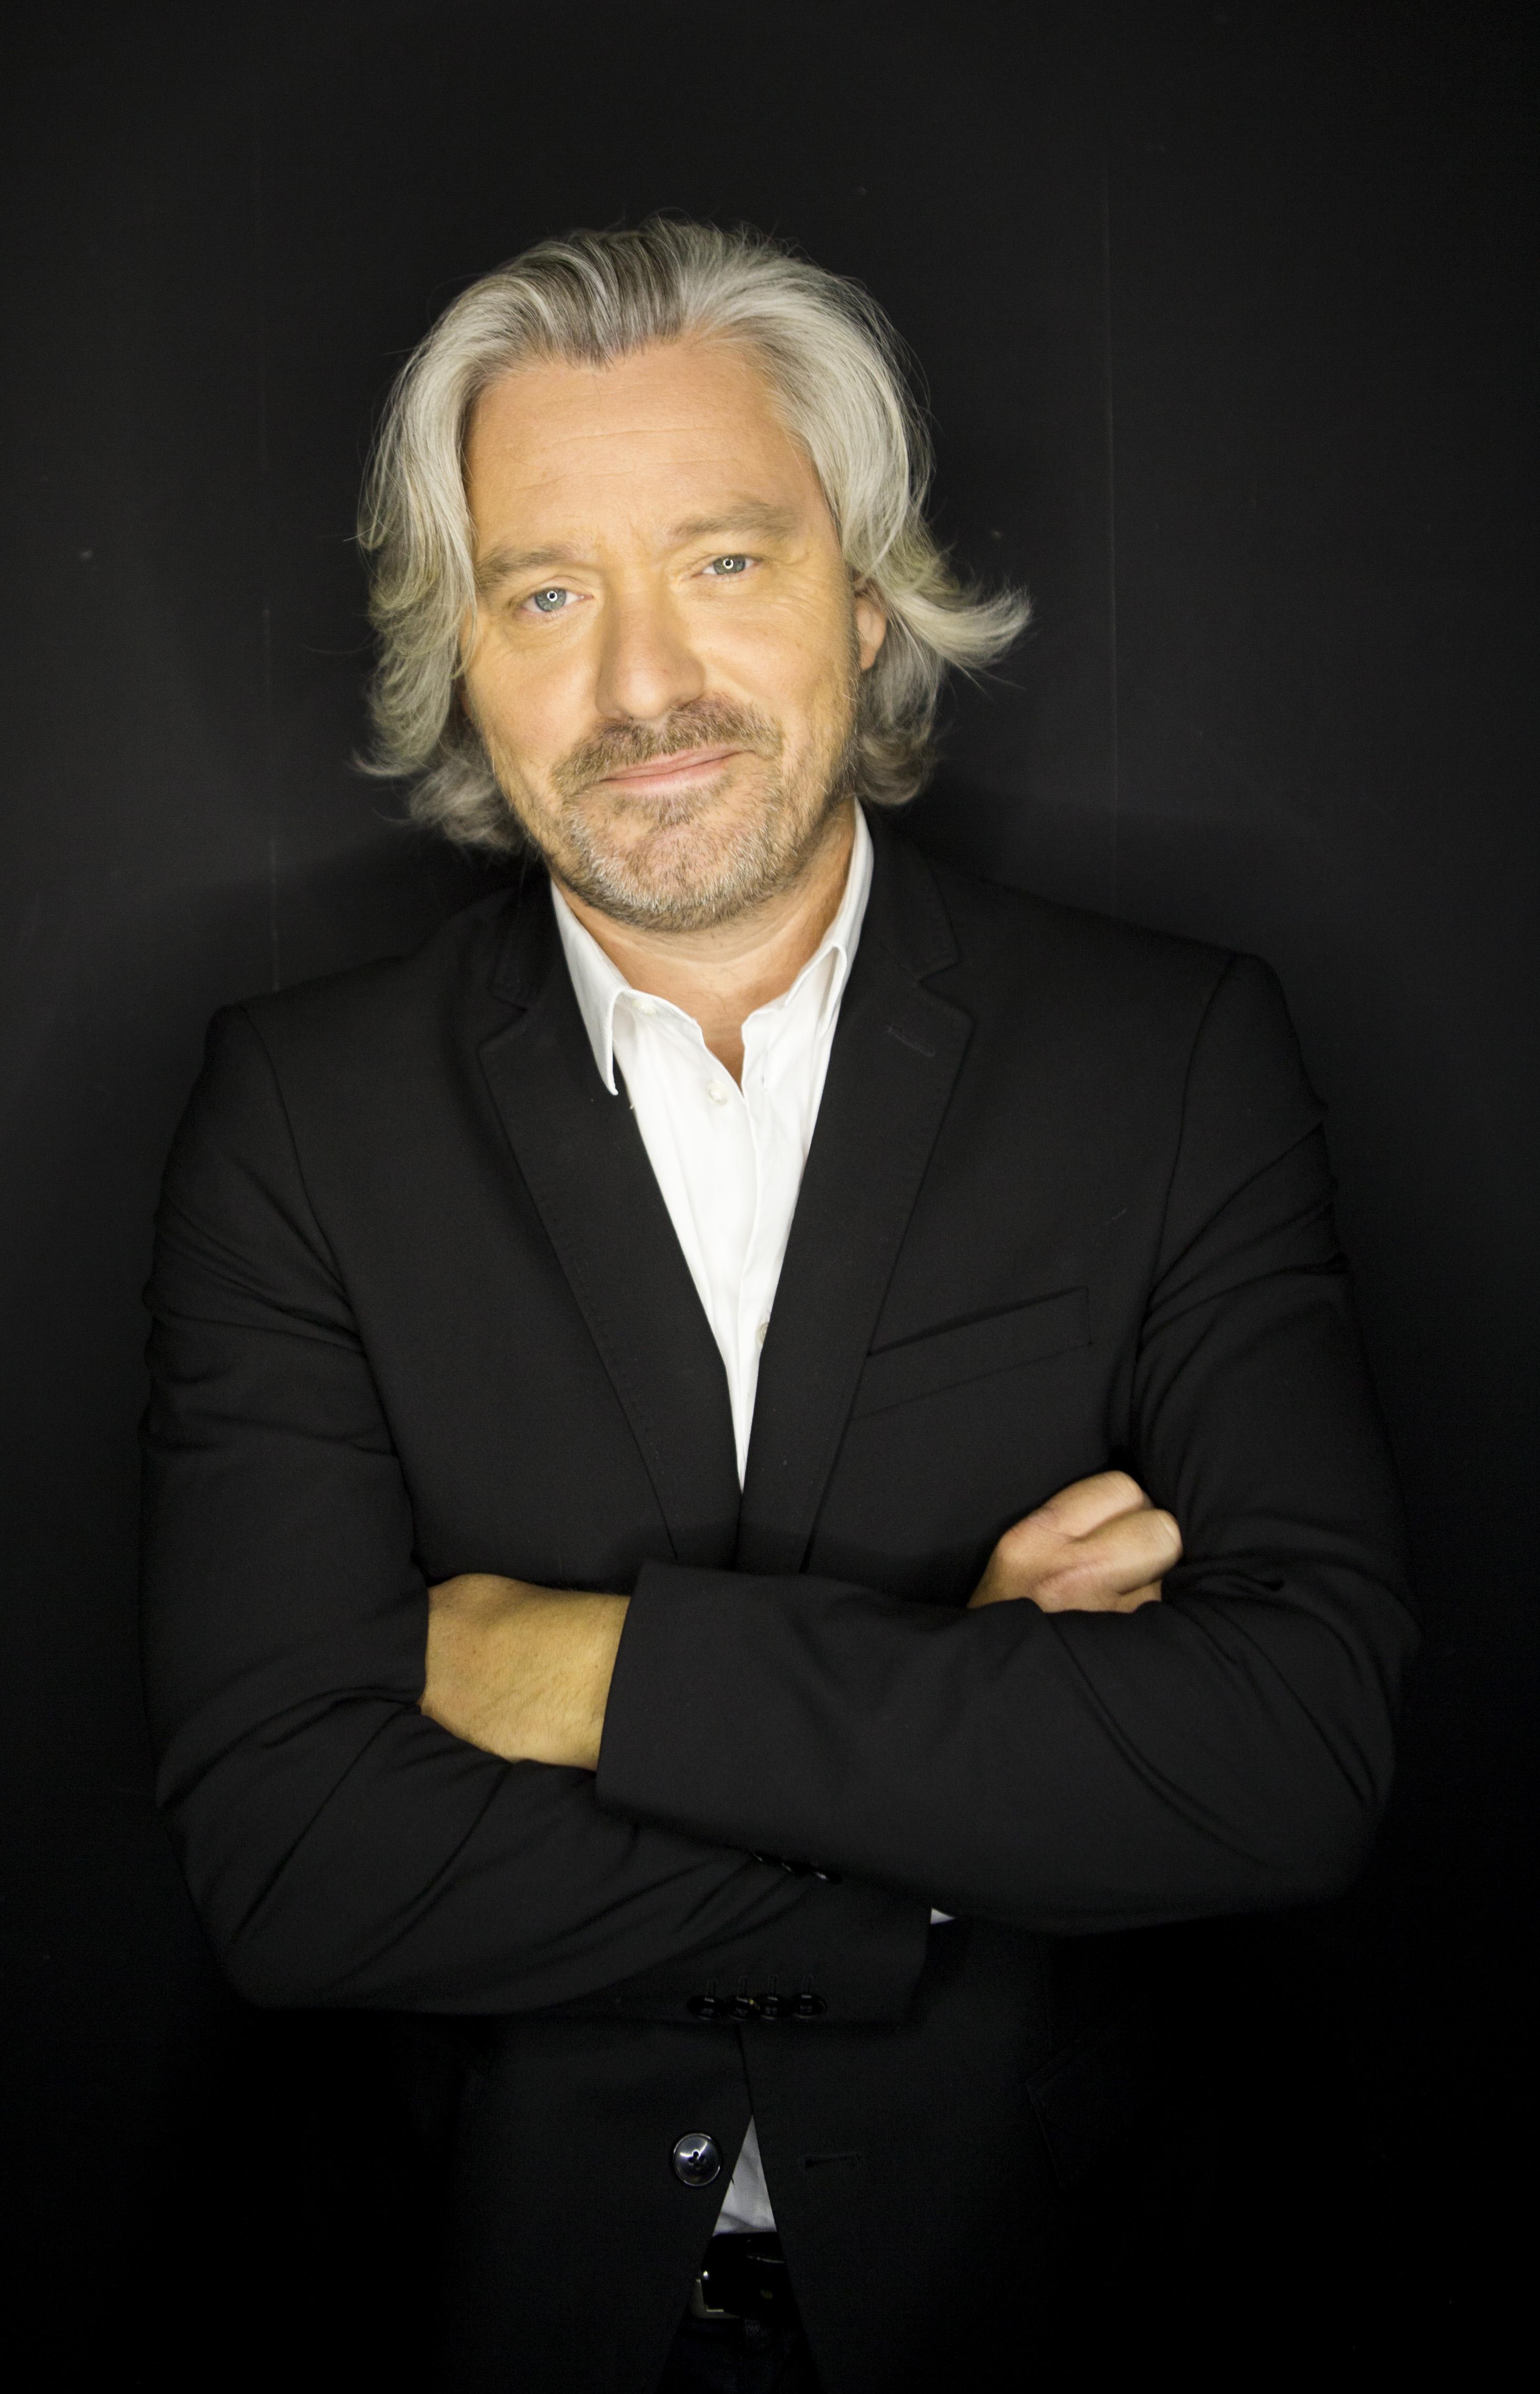 """Stéphane Bosc est le directeur délégué de RFM, la radio du """"Meilleur de la Musique"""". © Guilhem Canal/RFM."""